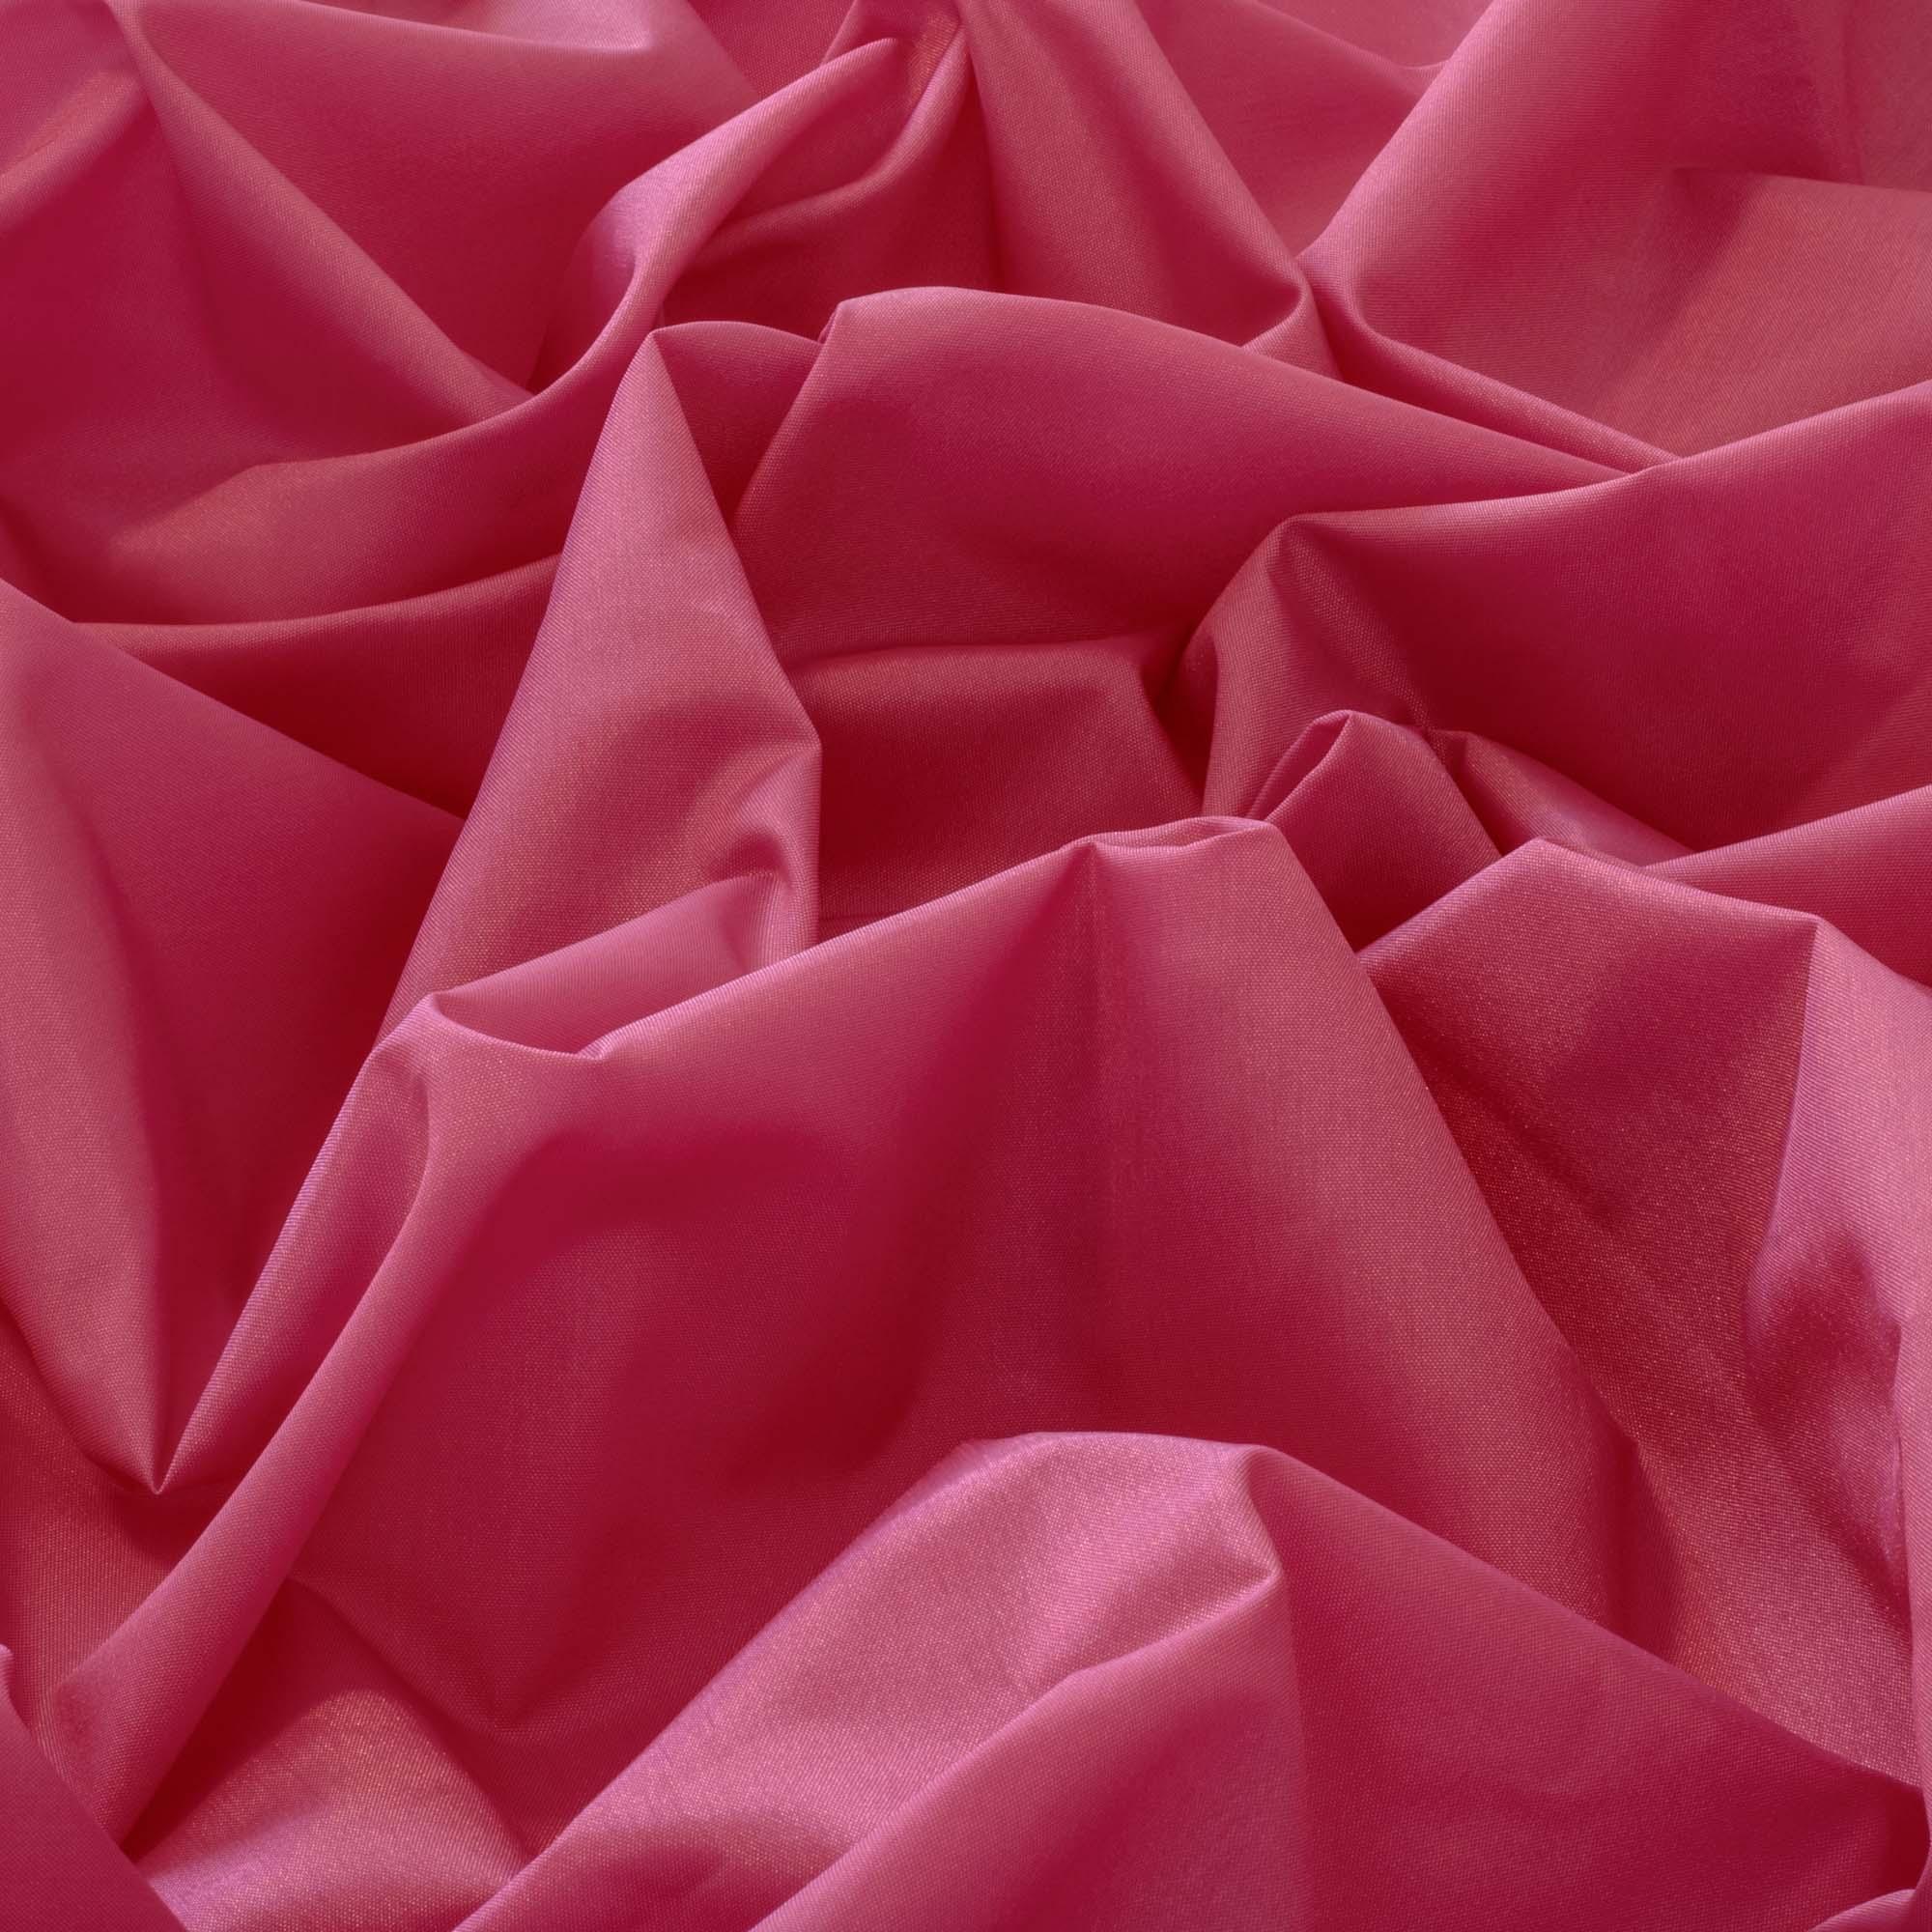 Tecido Tafeta Rosa 100% Poliester 1,40 m Largura